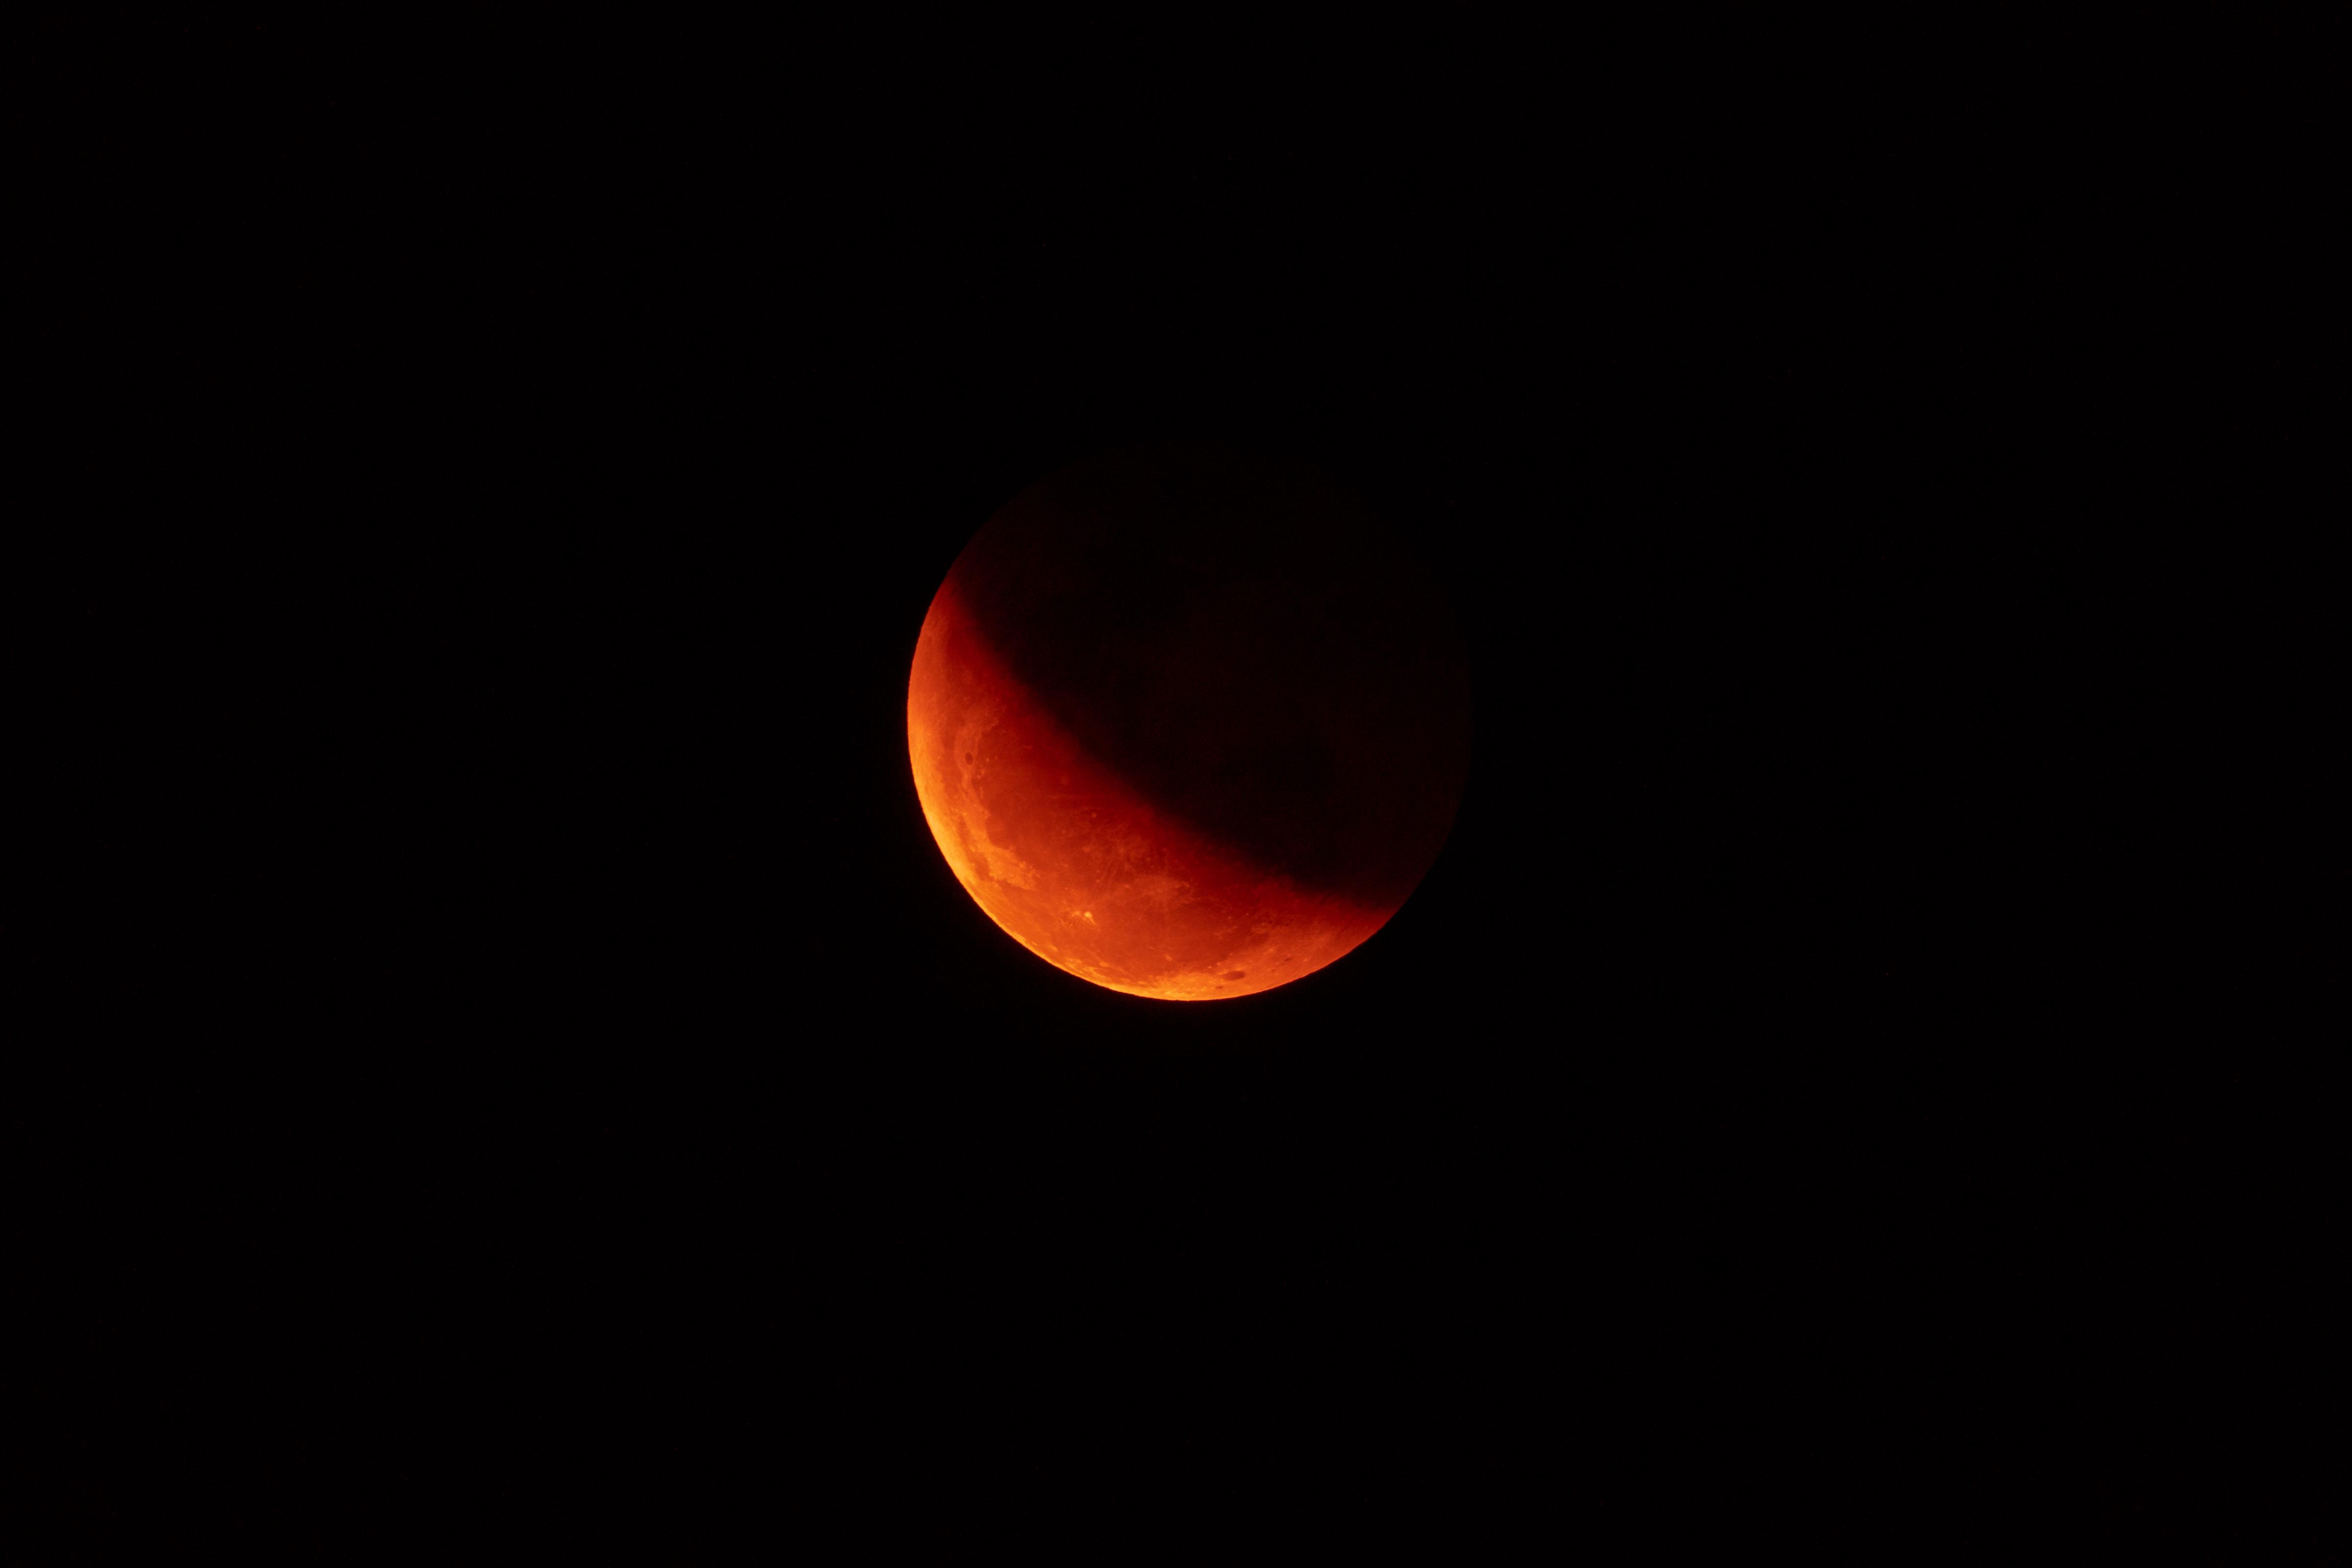 72579 Заставки и Обои Луна на телефон. Скачать Луна, Космос, Красный, Темный, Тень картинки бесплатно